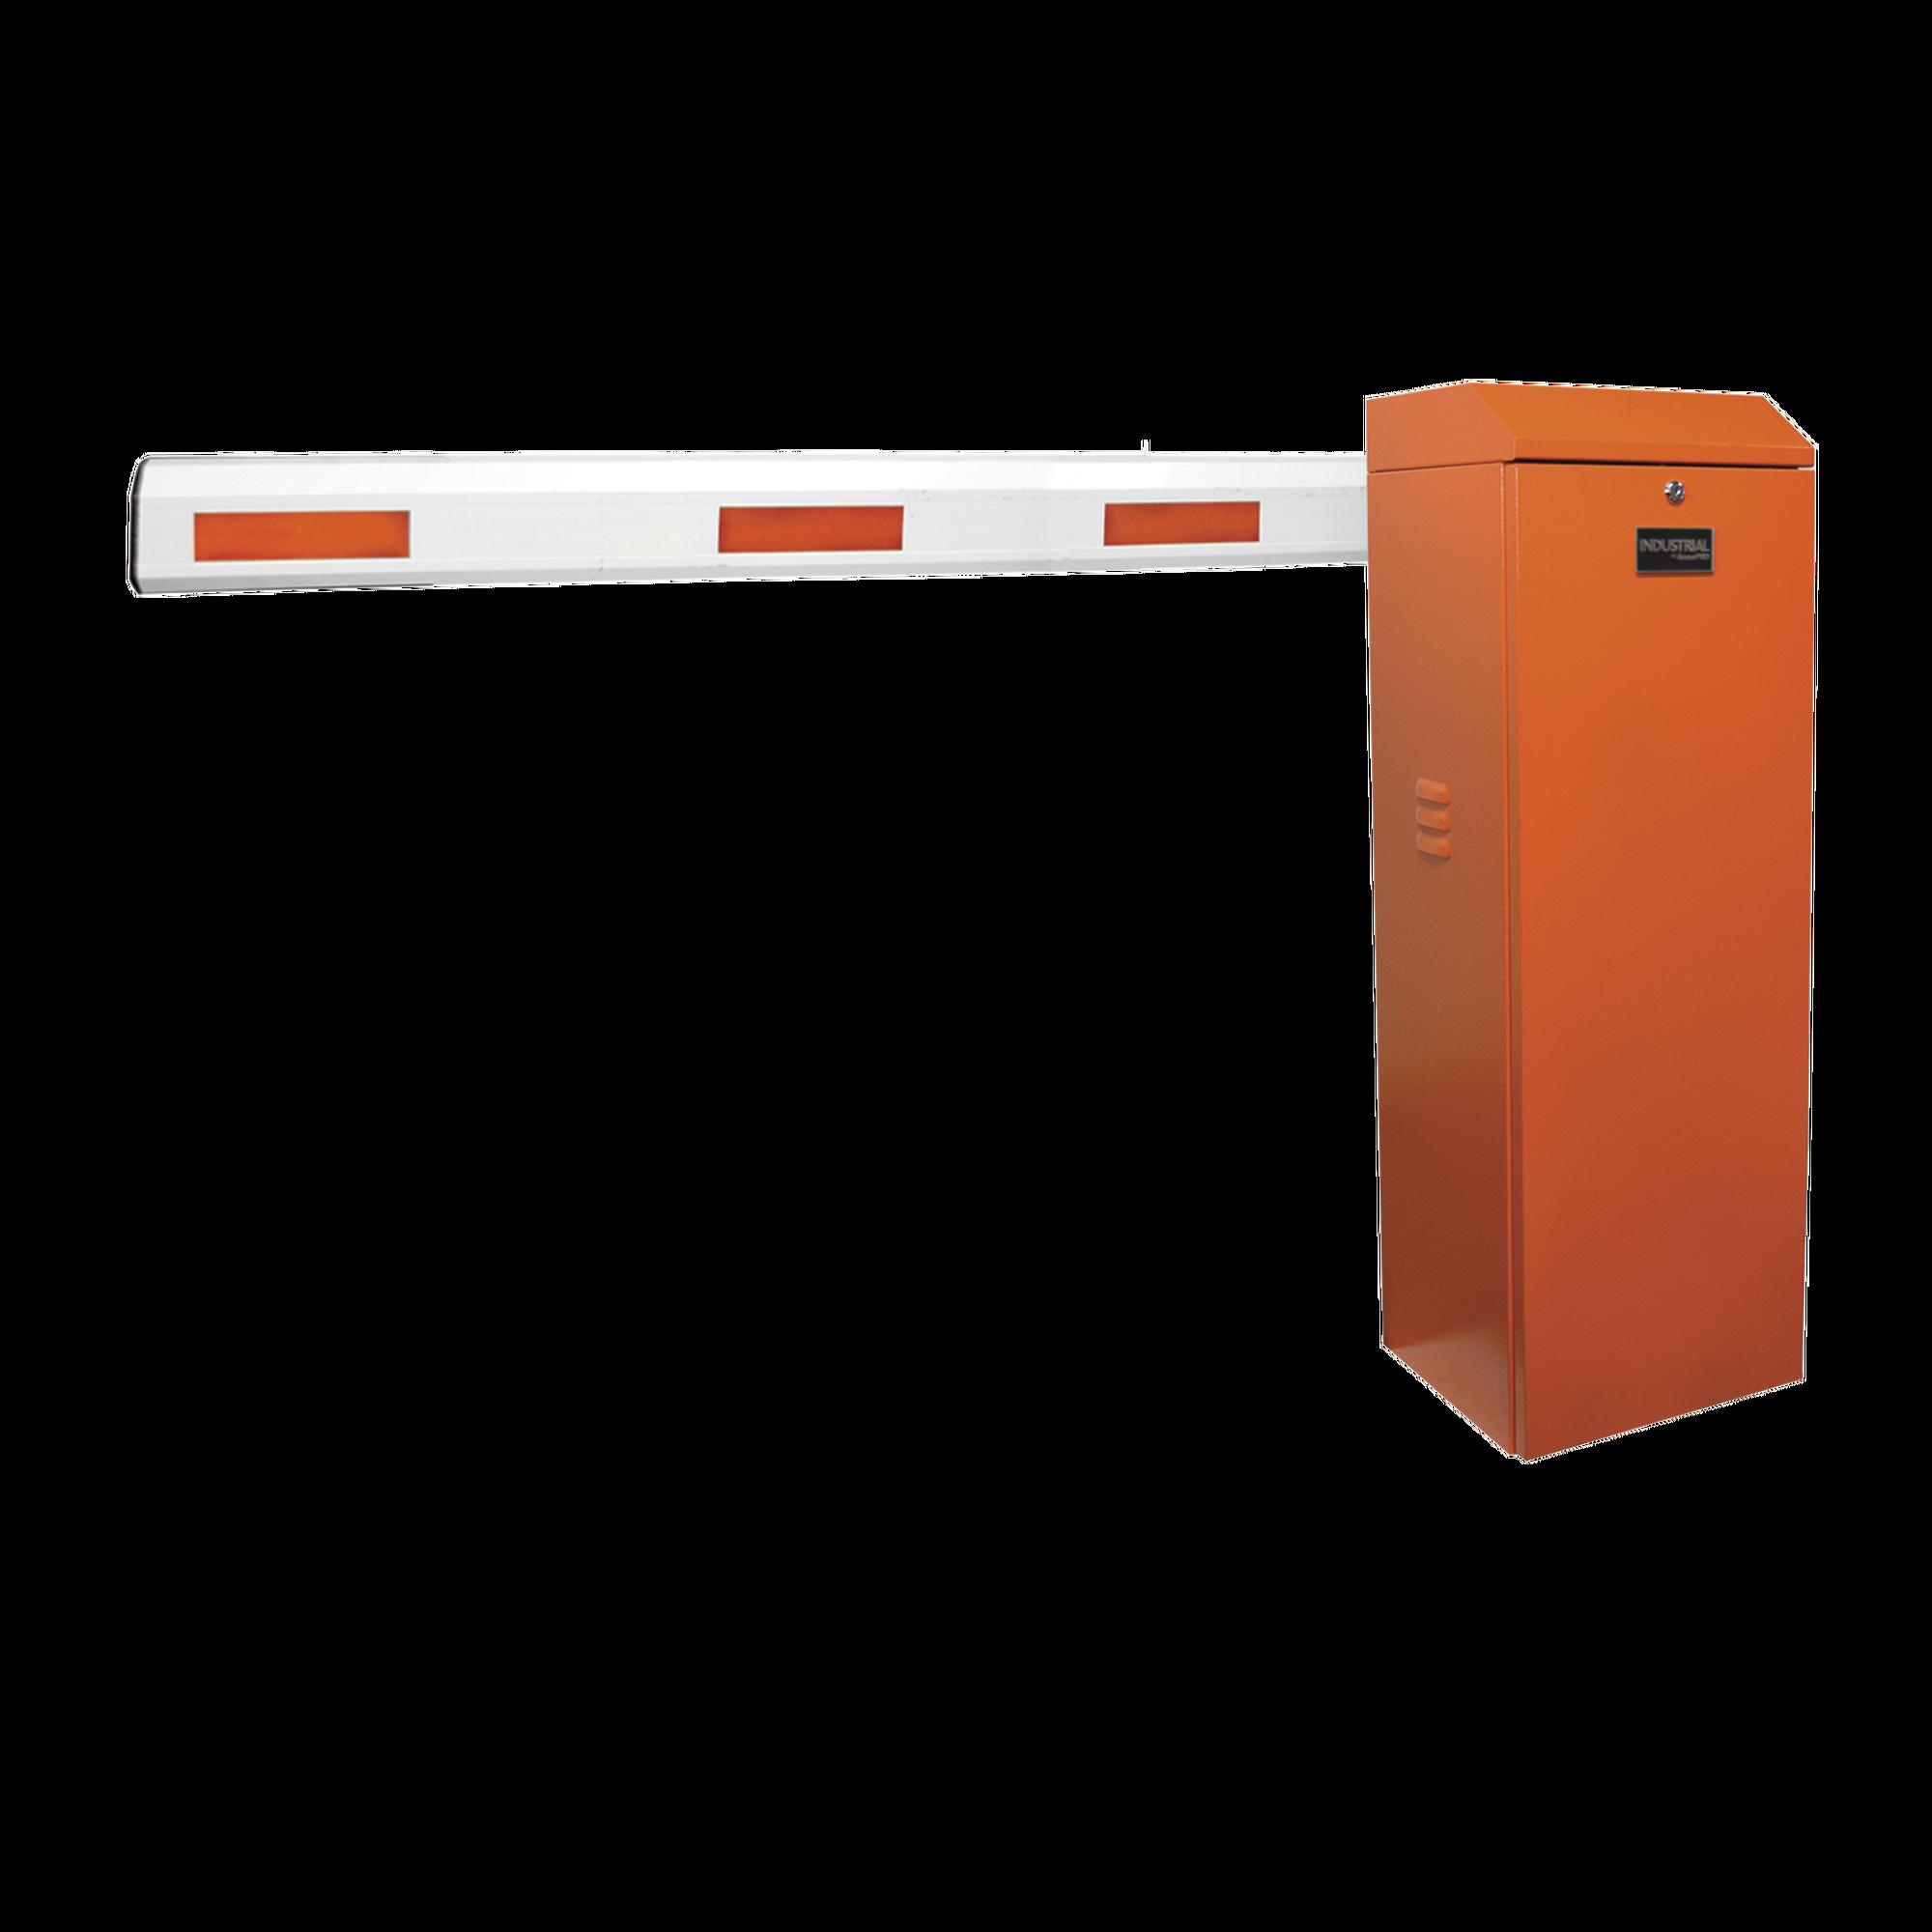 Kit de Barrera Vehicular Izquierda Color Naranja y Brazo Ajustable de 3.6 a 5.5 m